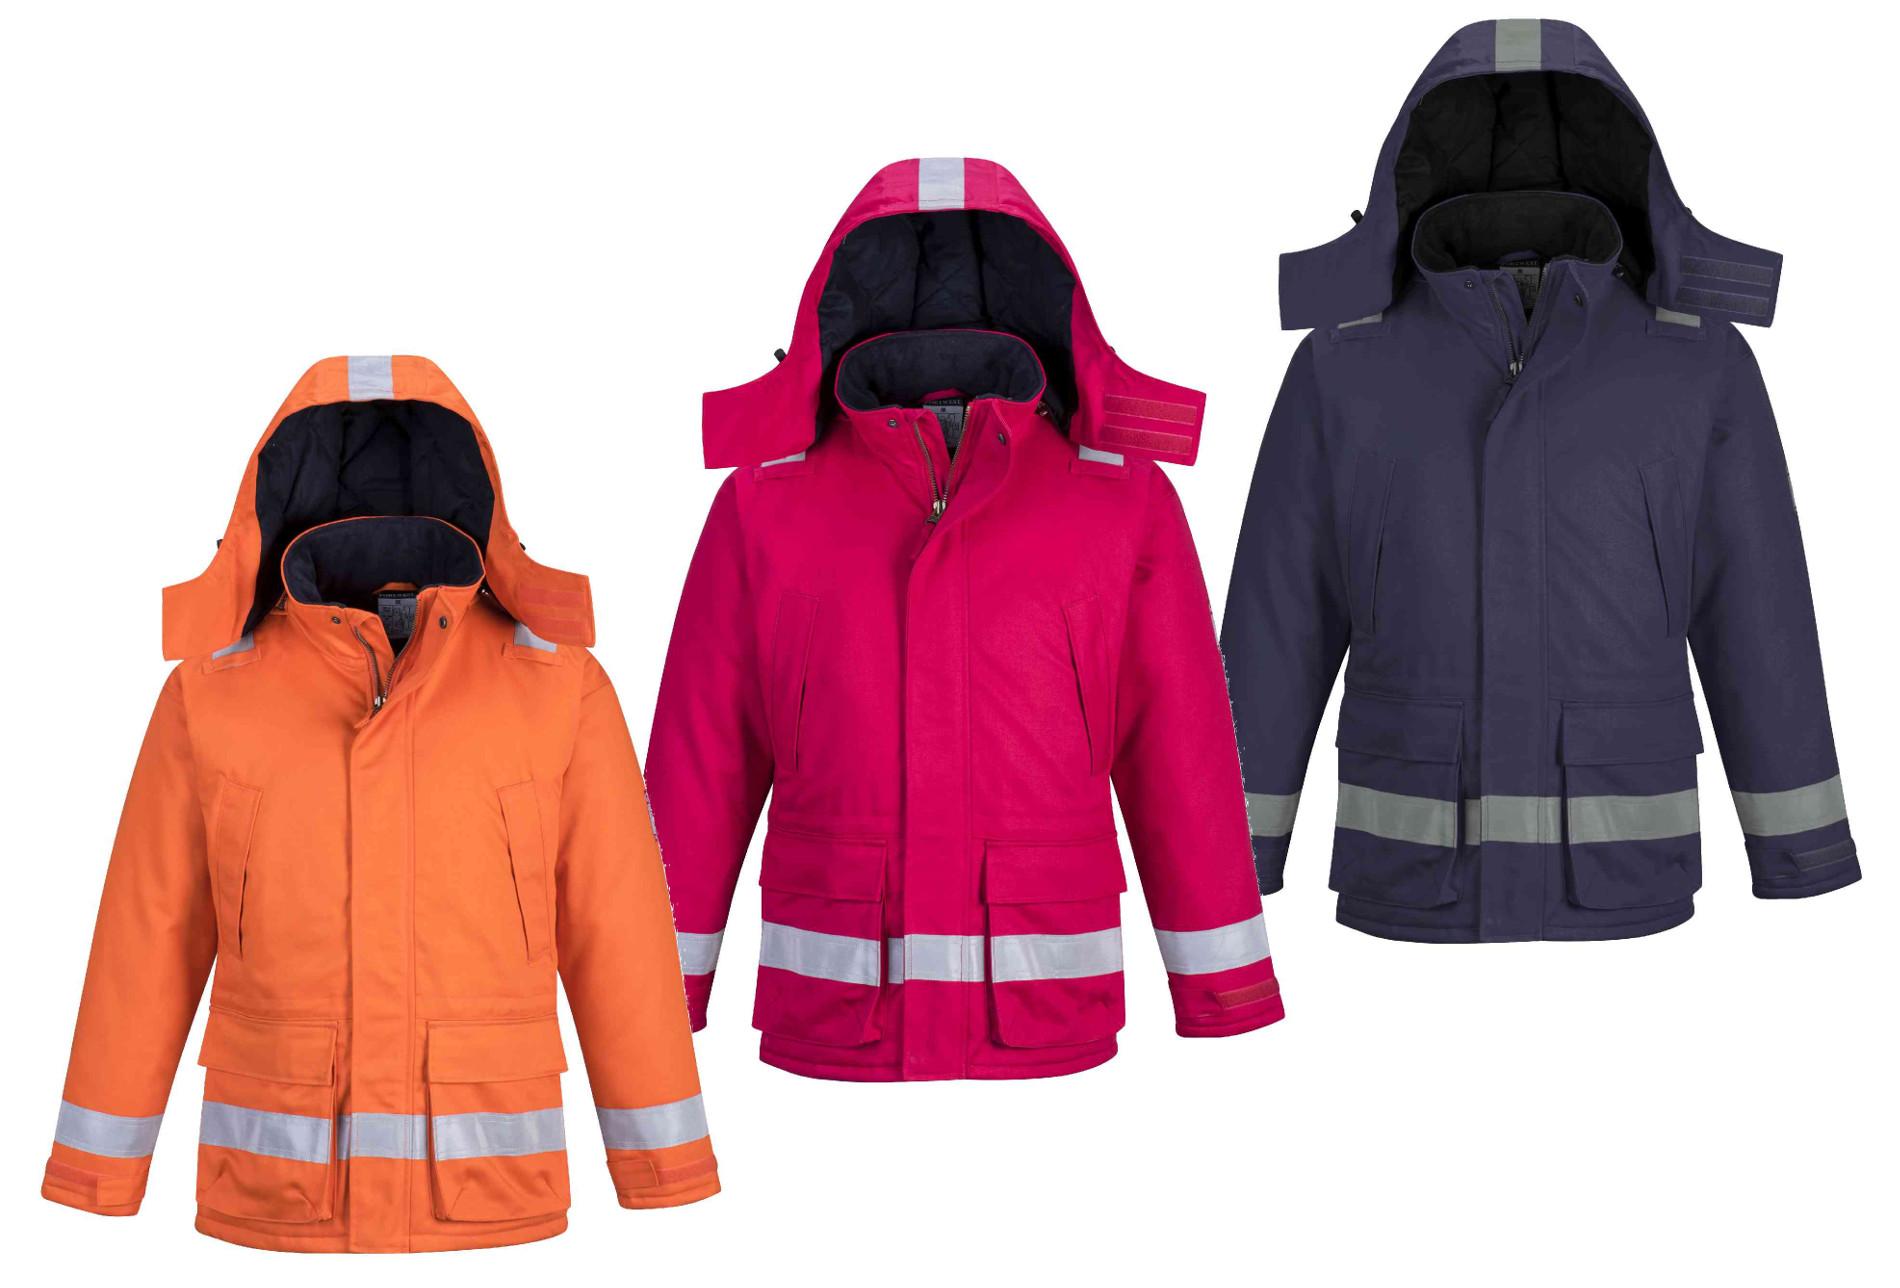 cc4917007b2b Portwest FR59 FR Winter Jacket